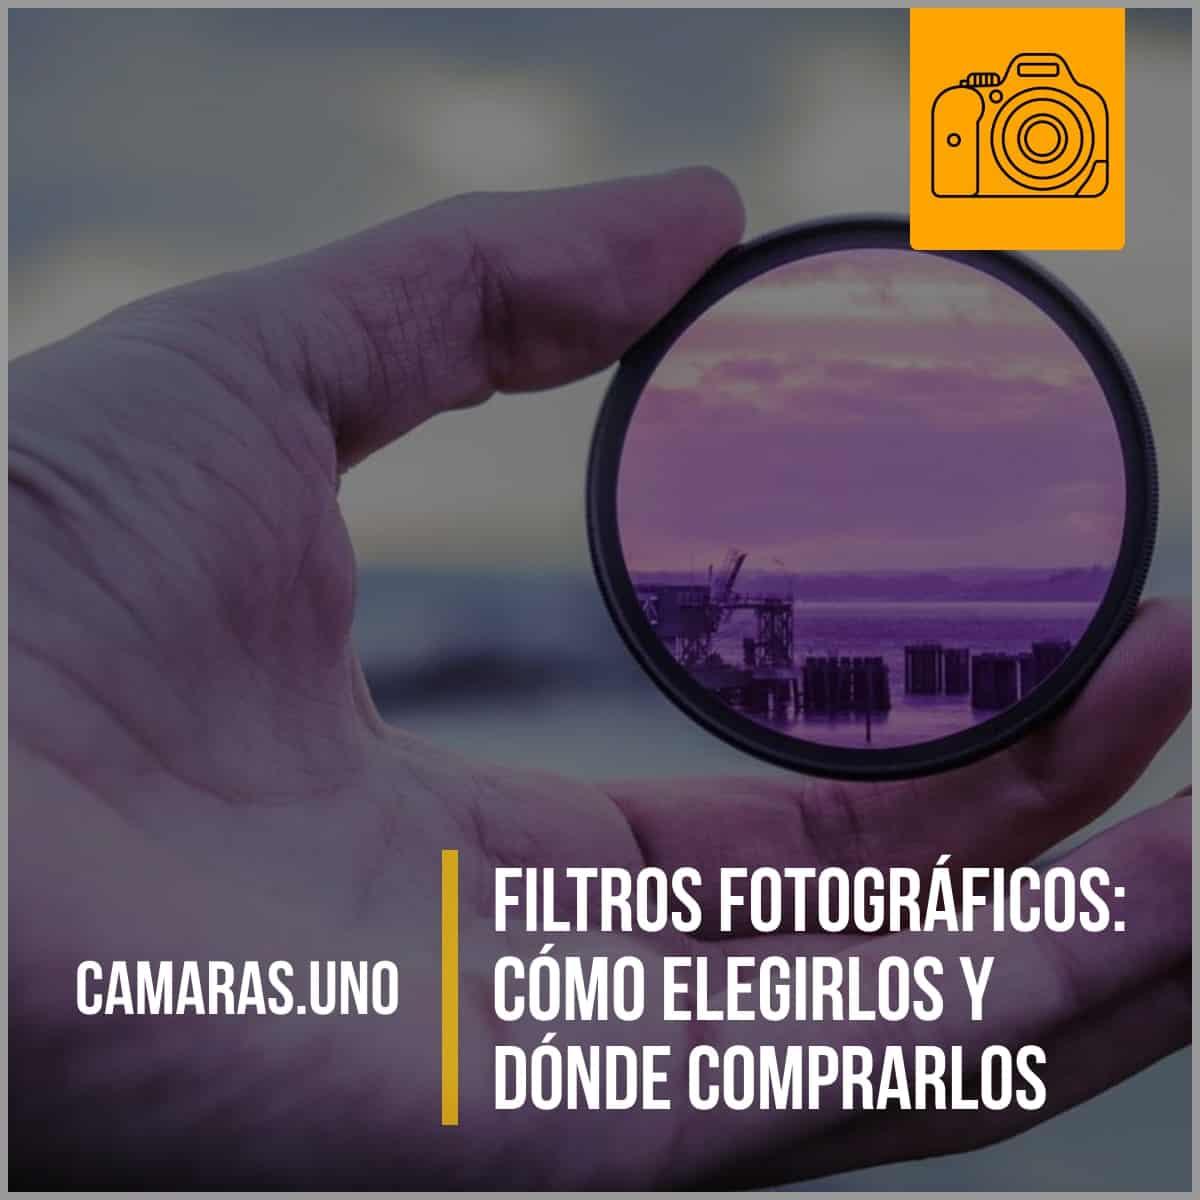 Filtros fotográficos: cómo elegirlos y dónde comprarlos